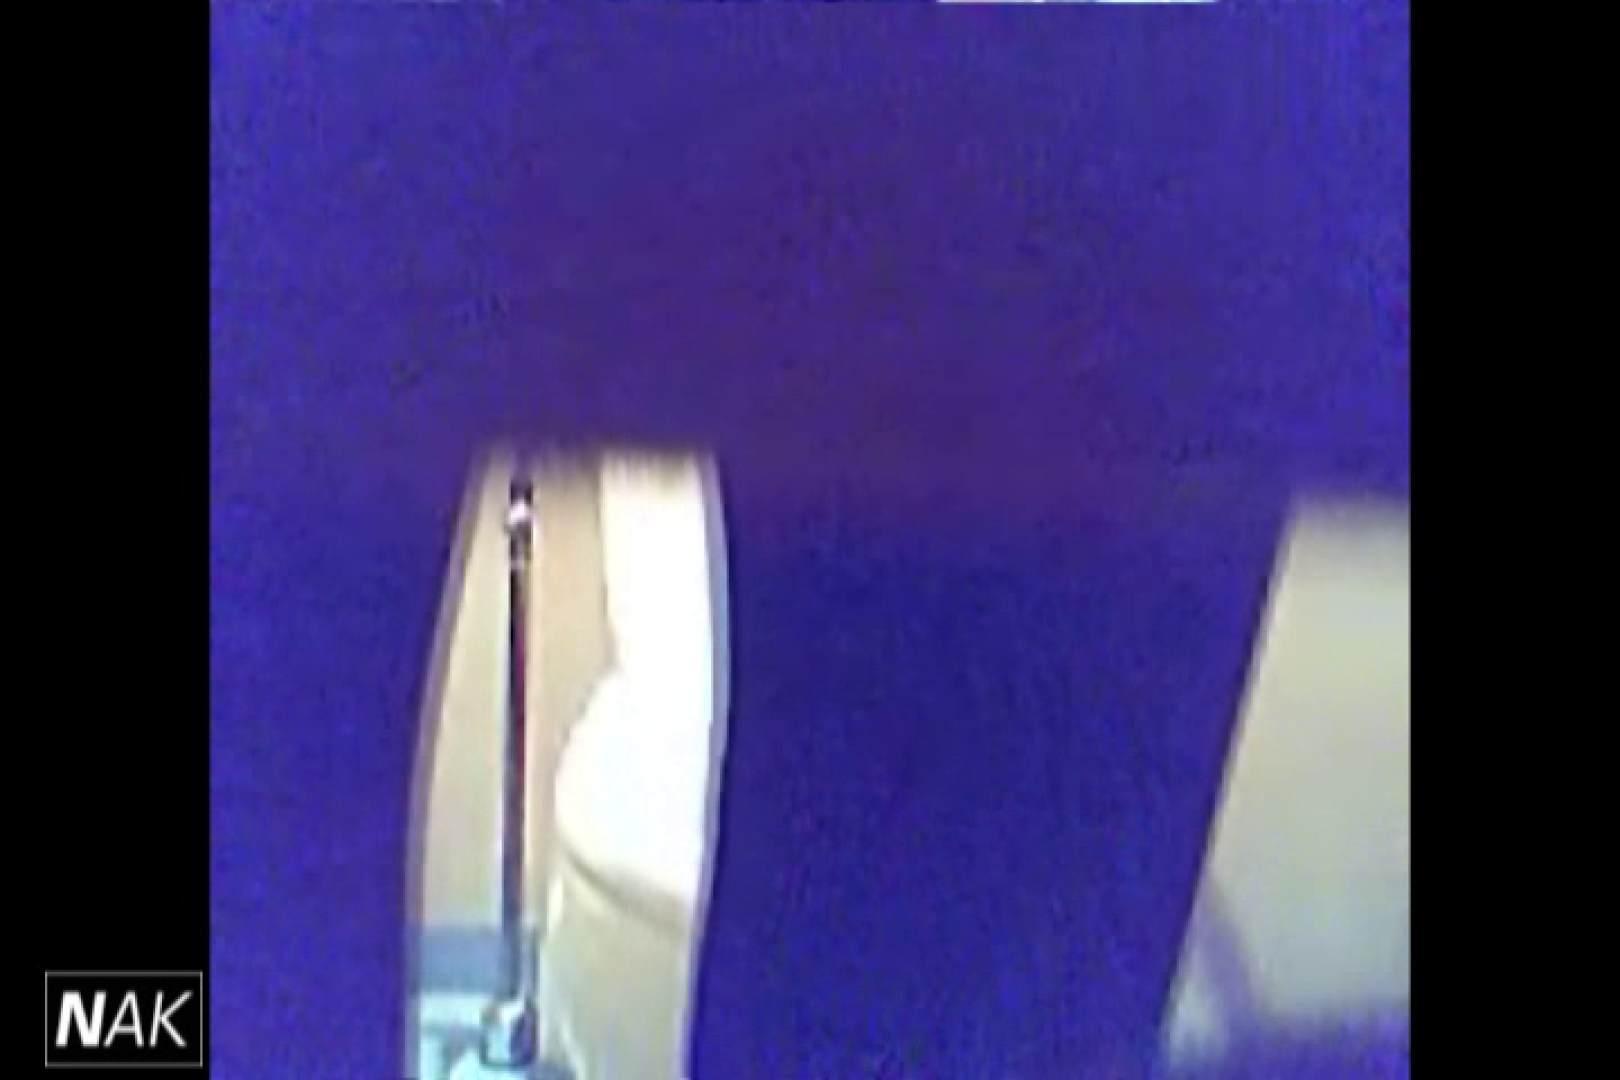 せん八さんの厠観察日記!2点監視カメラ 高画質5000K vol.07 OLセックス のぞきおめこ無修正画像 104画像 97